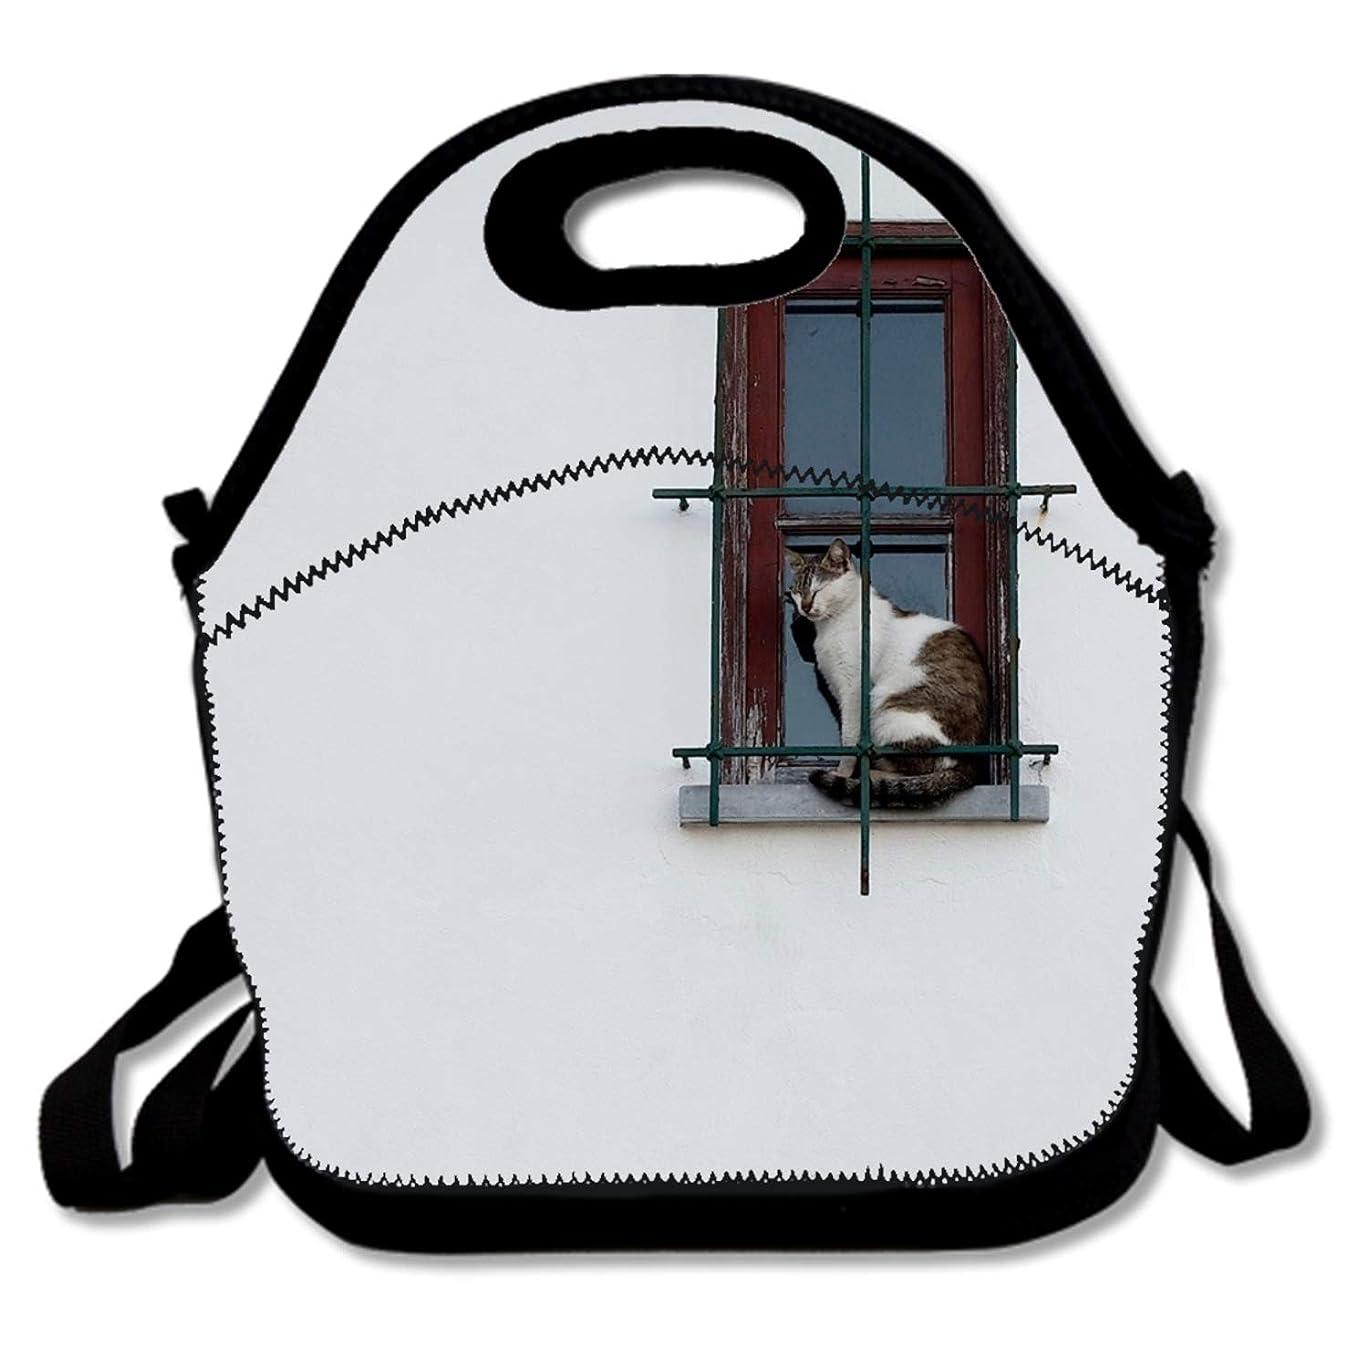 慣性フォージ帝国シンプルな背景の壁動物猫ペットウィンドウランチバッグ/ランチボックス/特殊/ピクニックバッグに昼食を絶縁クーラートラベルオーガナイザーを来ることはありません